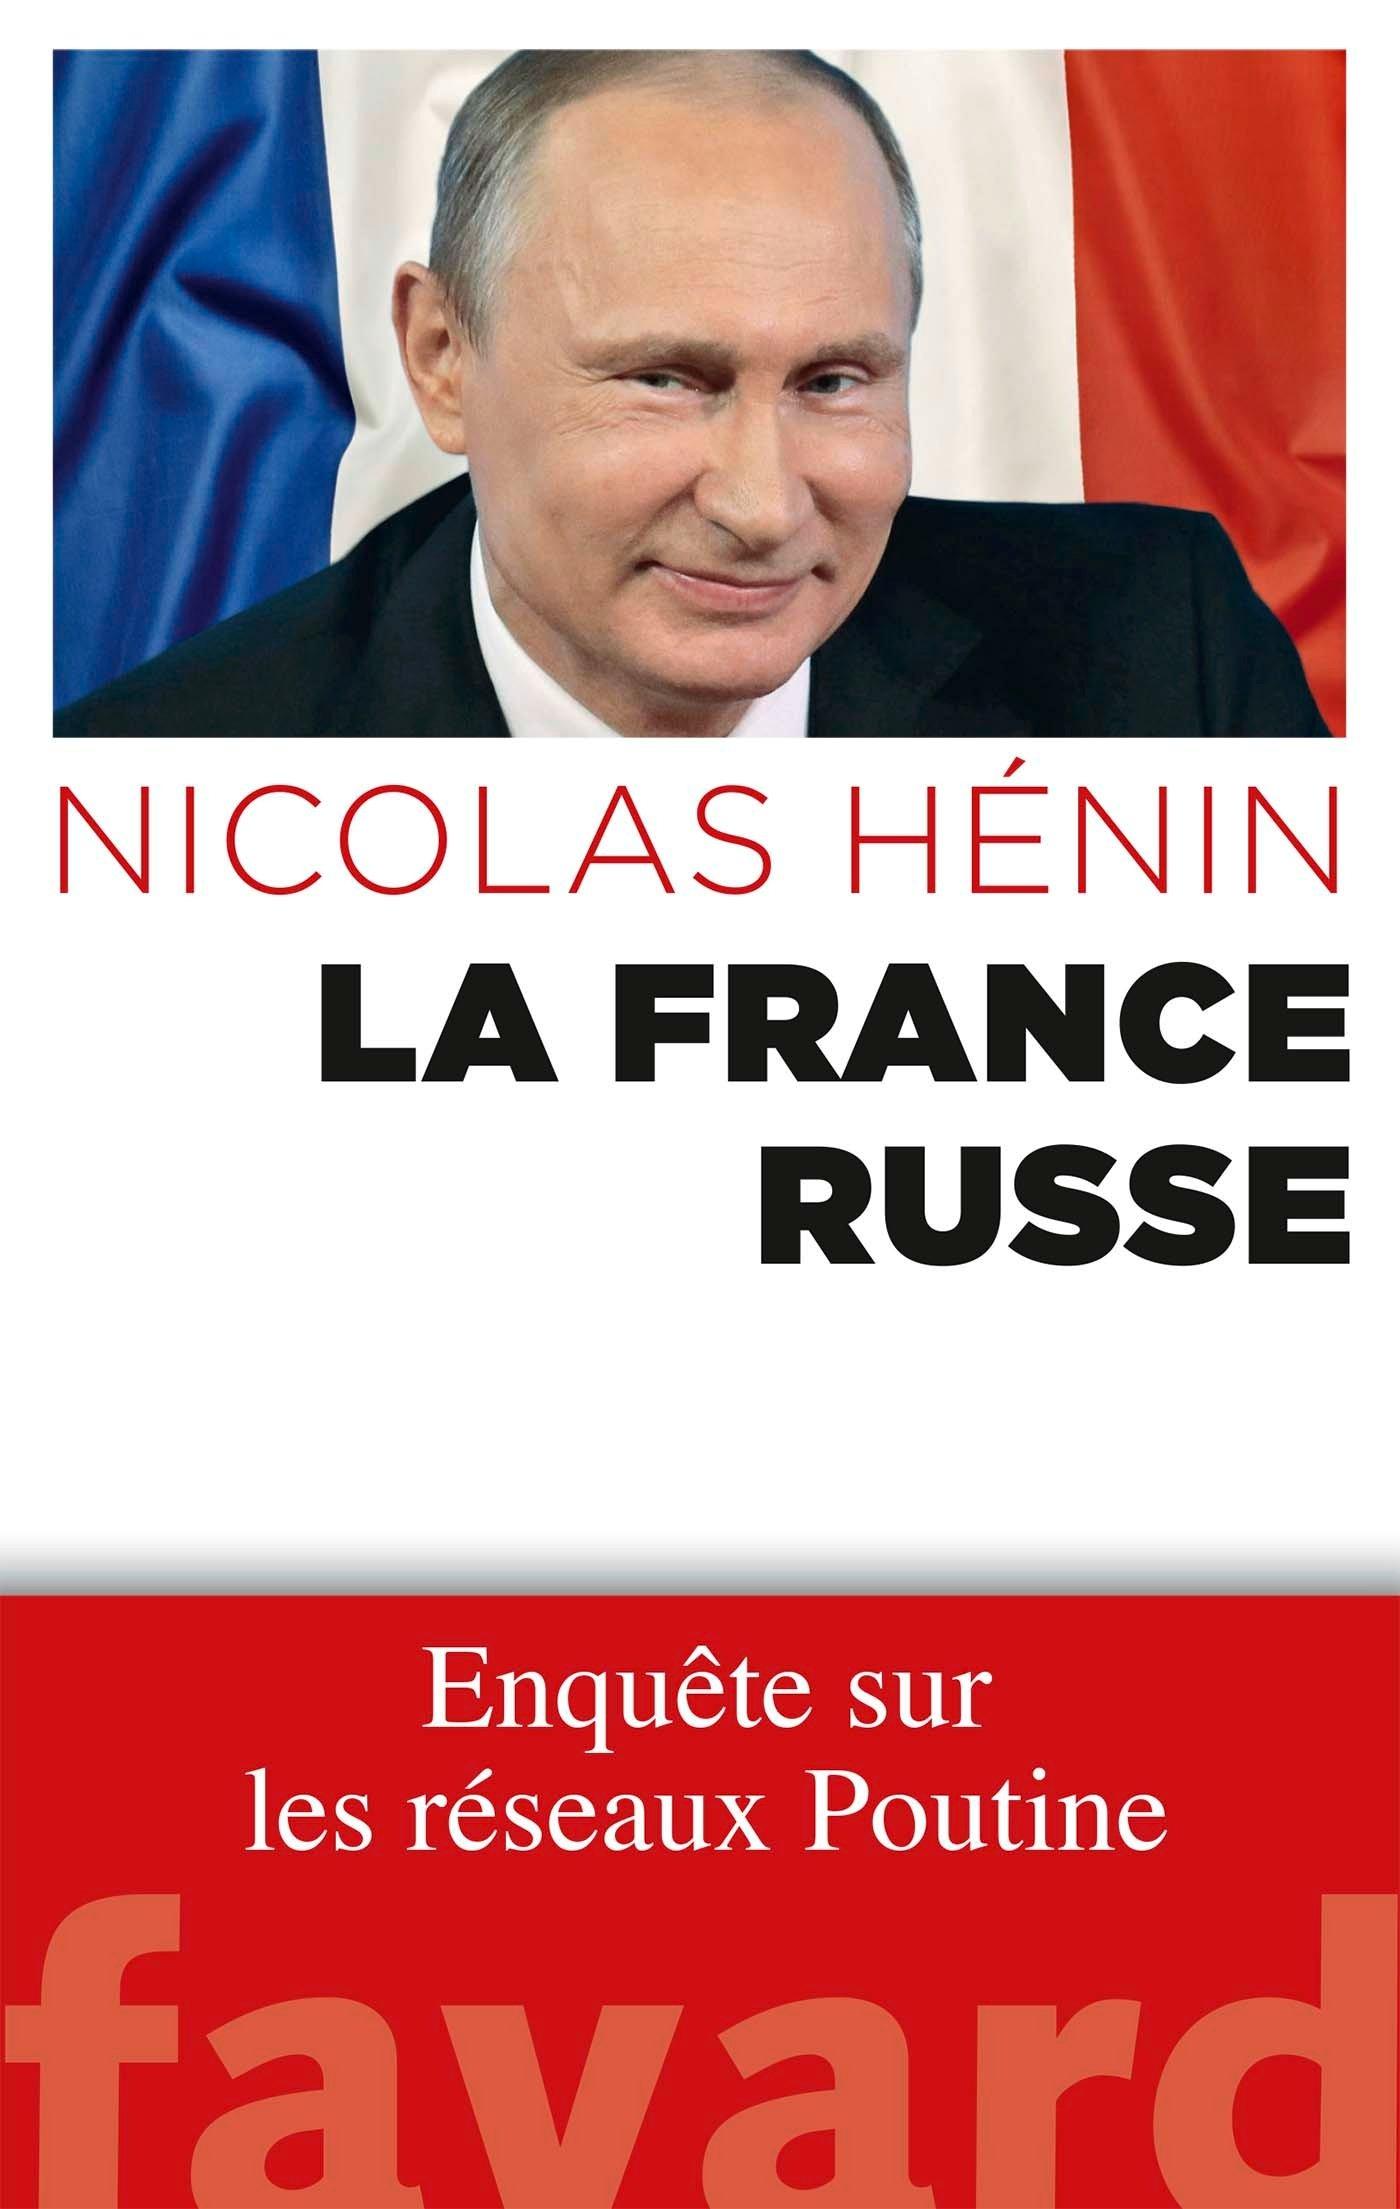 La France russe: Enquête sur les réseaux de Poutine Broché – 25 mai 2016 Nicolas Hénin Fayard 221370113X Actualités